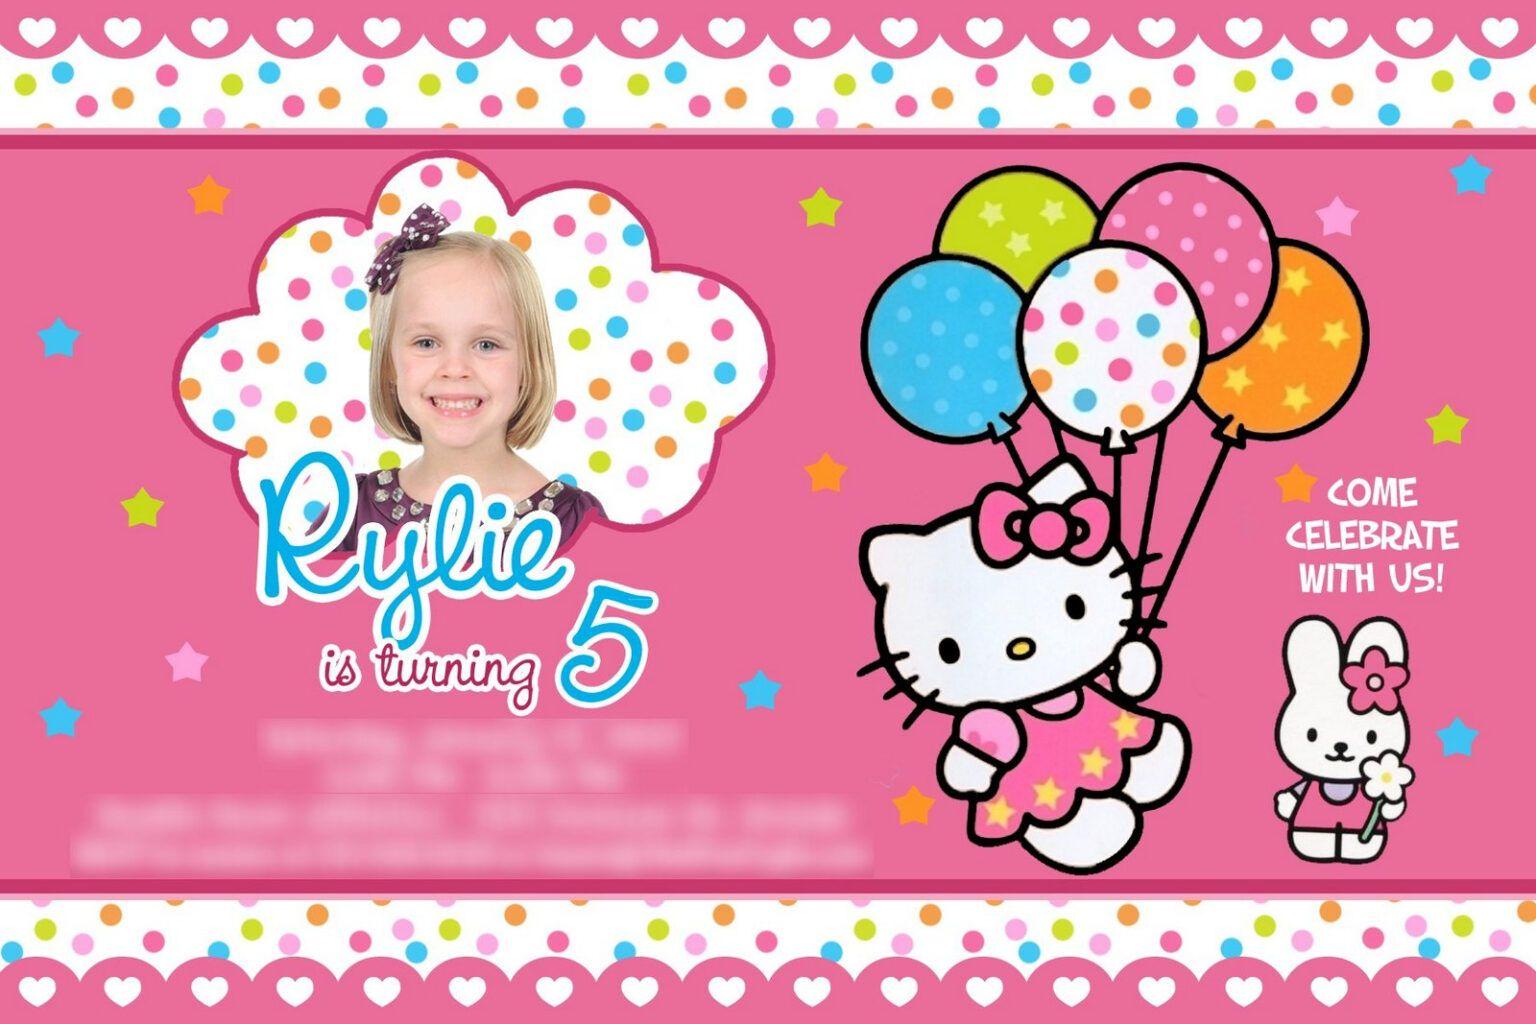 Hello Kitty Birthday Party Ideas Invitations Dress Inside Hello Kitty Ba In 2020 Hello Kitty Birthday Party Hello Kitty Invitations Hello Kitty Birthday Invitations